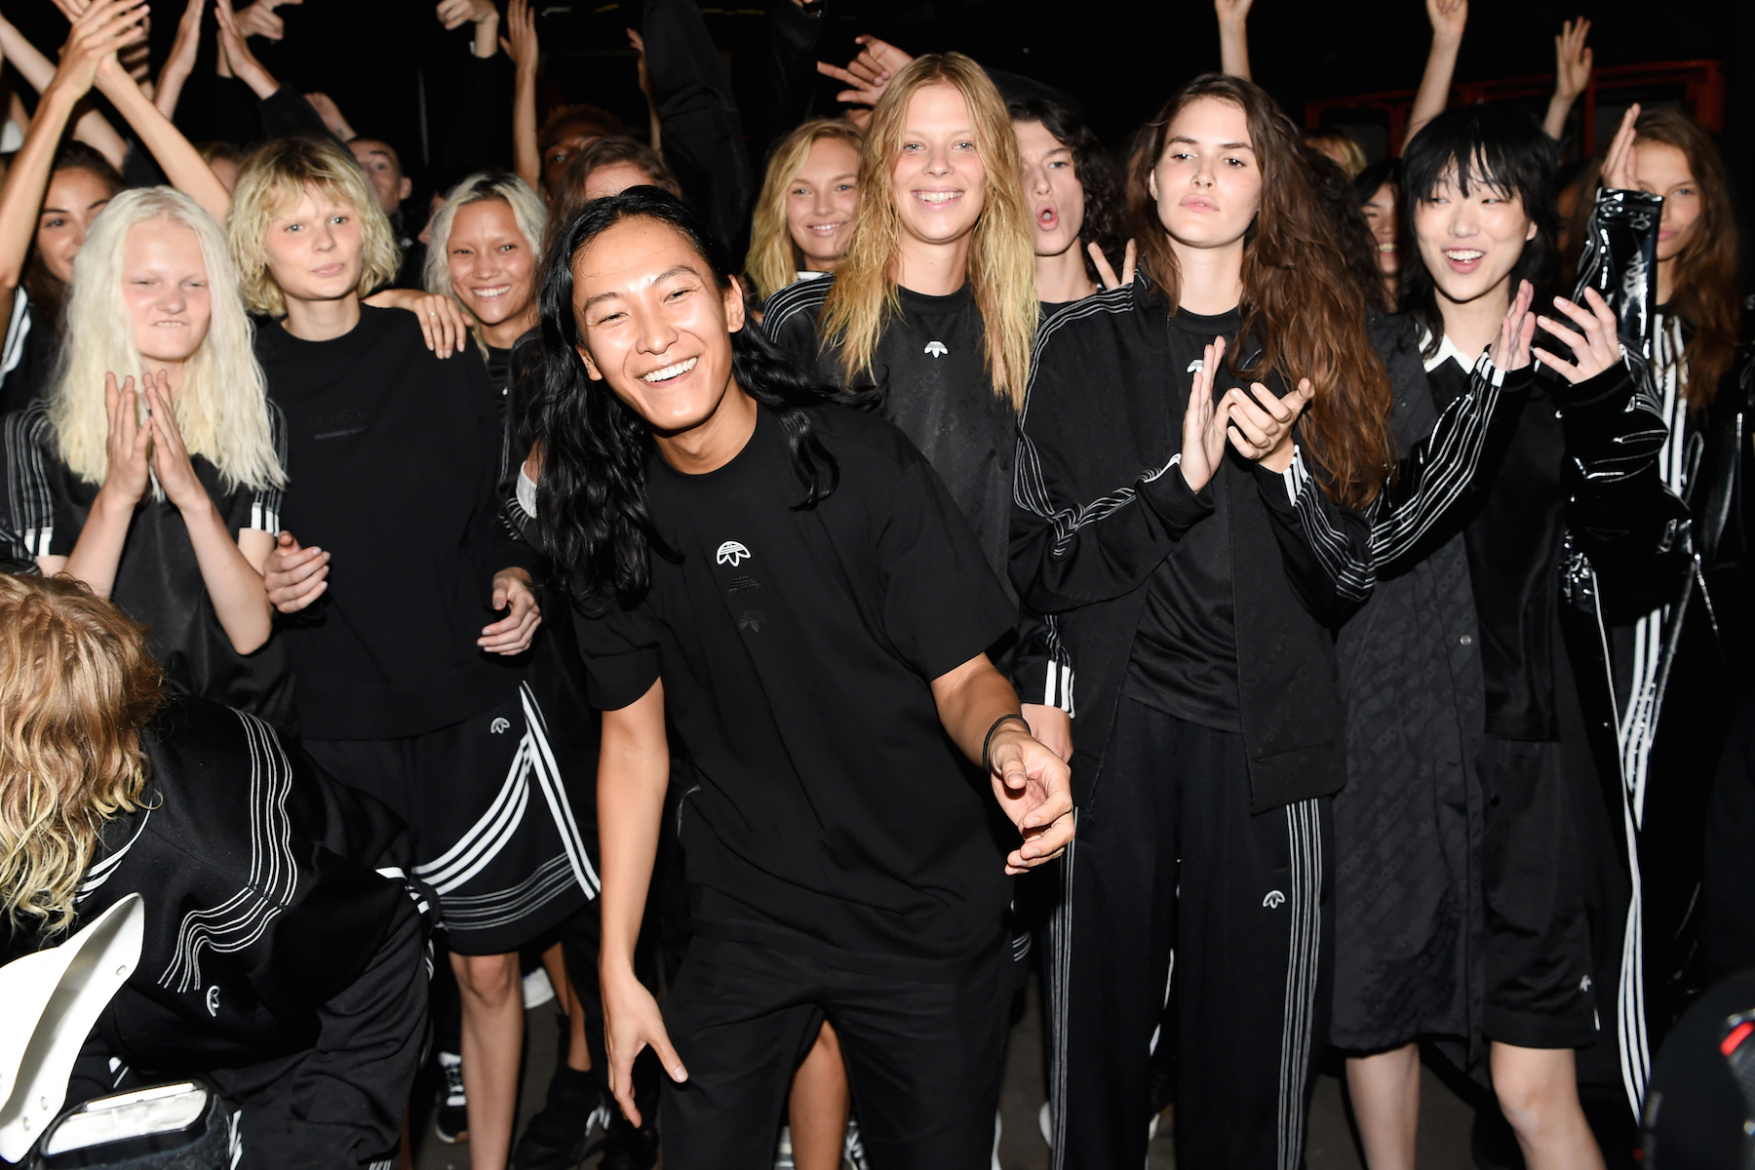 Tiếp nối thành công, năm nay, Wang tiếp tục ra mắt bộ sưu tập kết hợp với adidas. Tinh thần streetwear của Wang và kỹ thuật sản xuất đồ thể thao hoàn hảo của adidas đã tạo nên một bộ sưu tâp vô cùng bắt mắt và có tính ứng dụng cao.